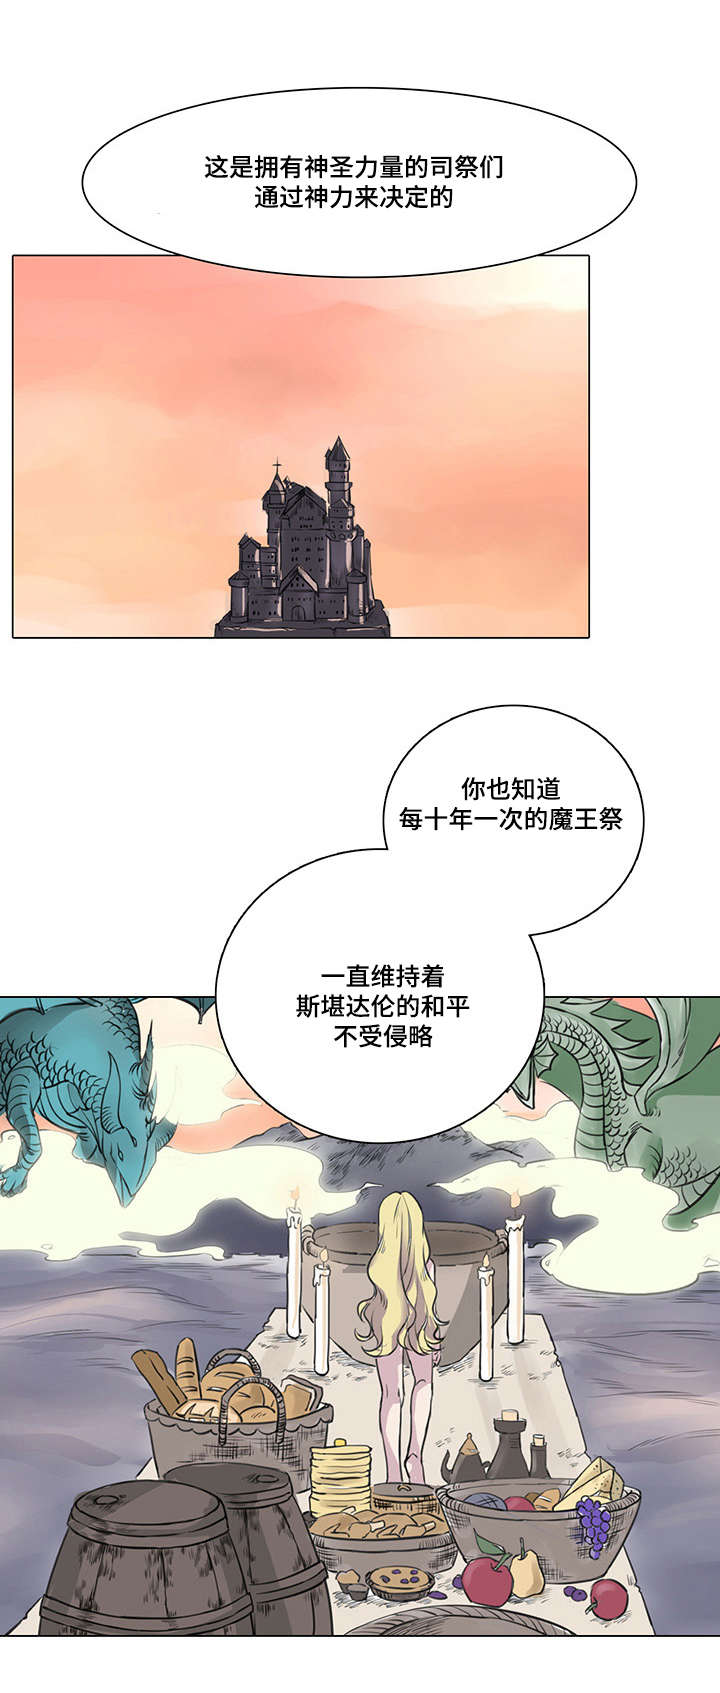 耽美彩虹漫画《献祭魔王》在线阅读